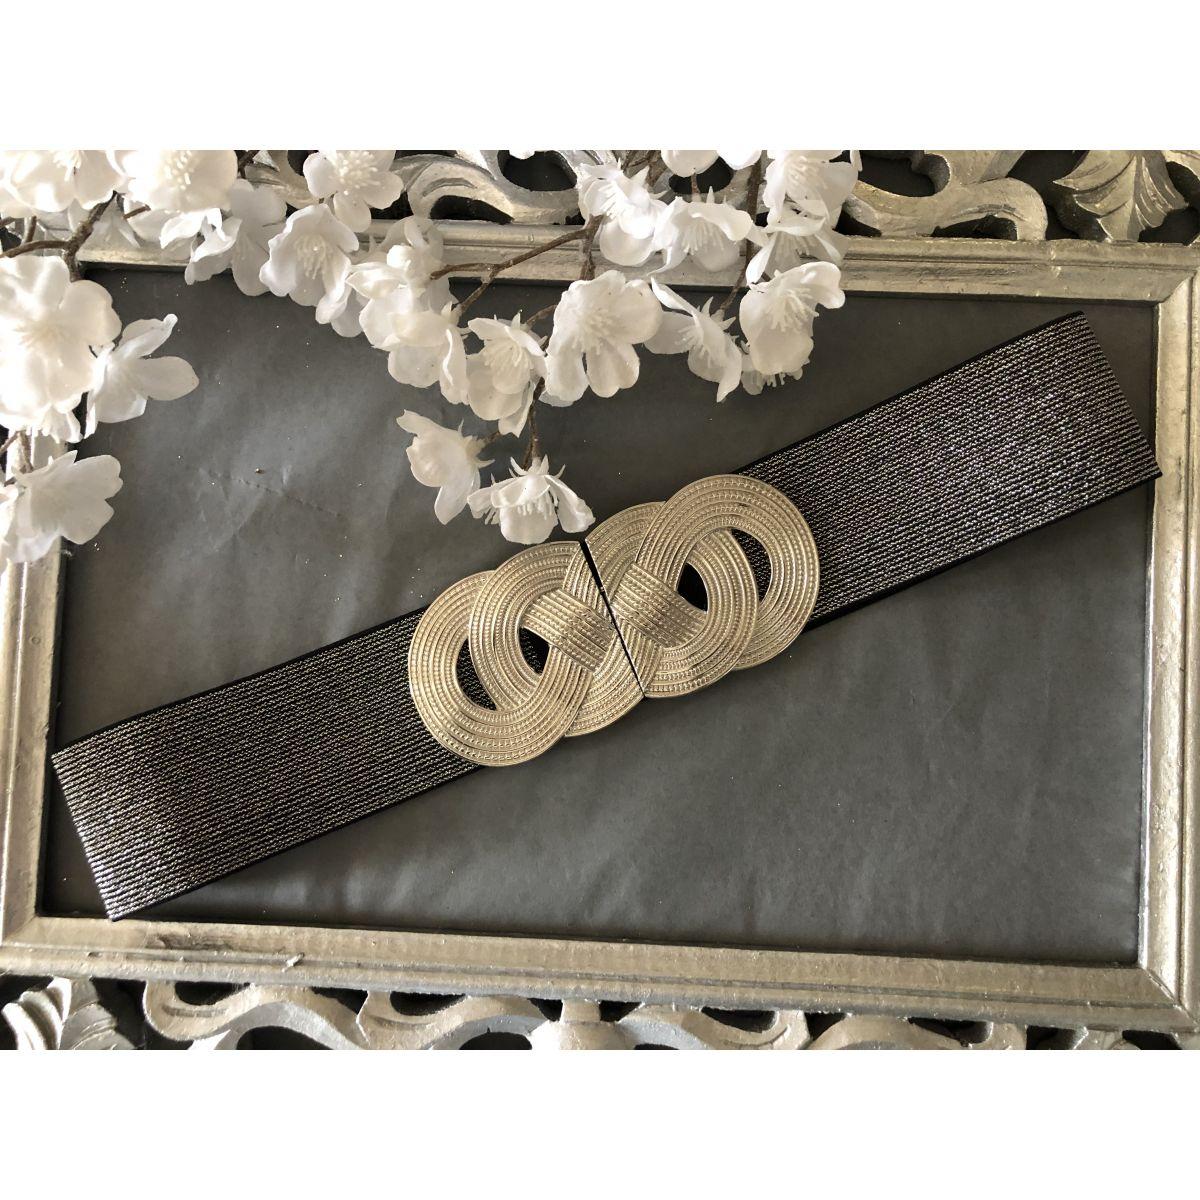 Ceinture élastique grise boucle double anneaux silver black